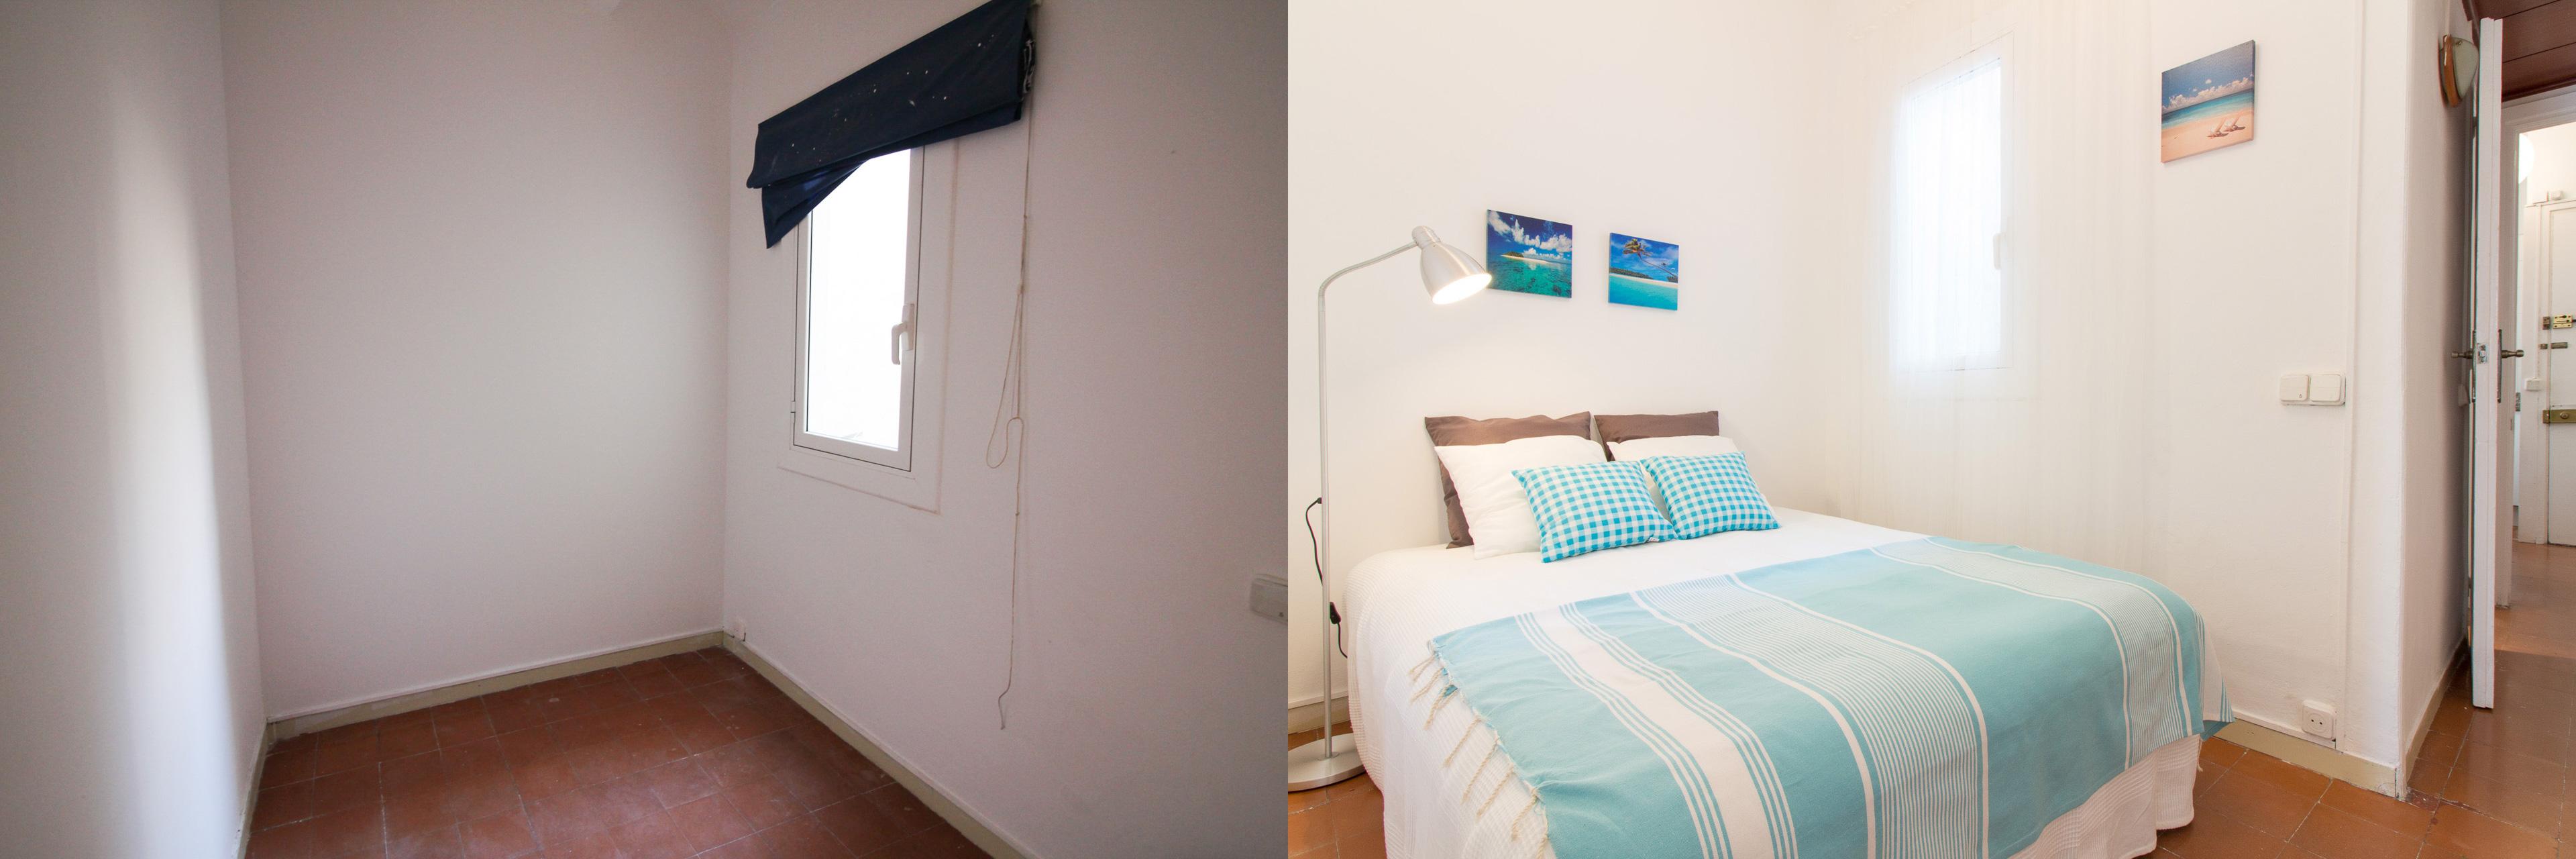 dormitorio antes después